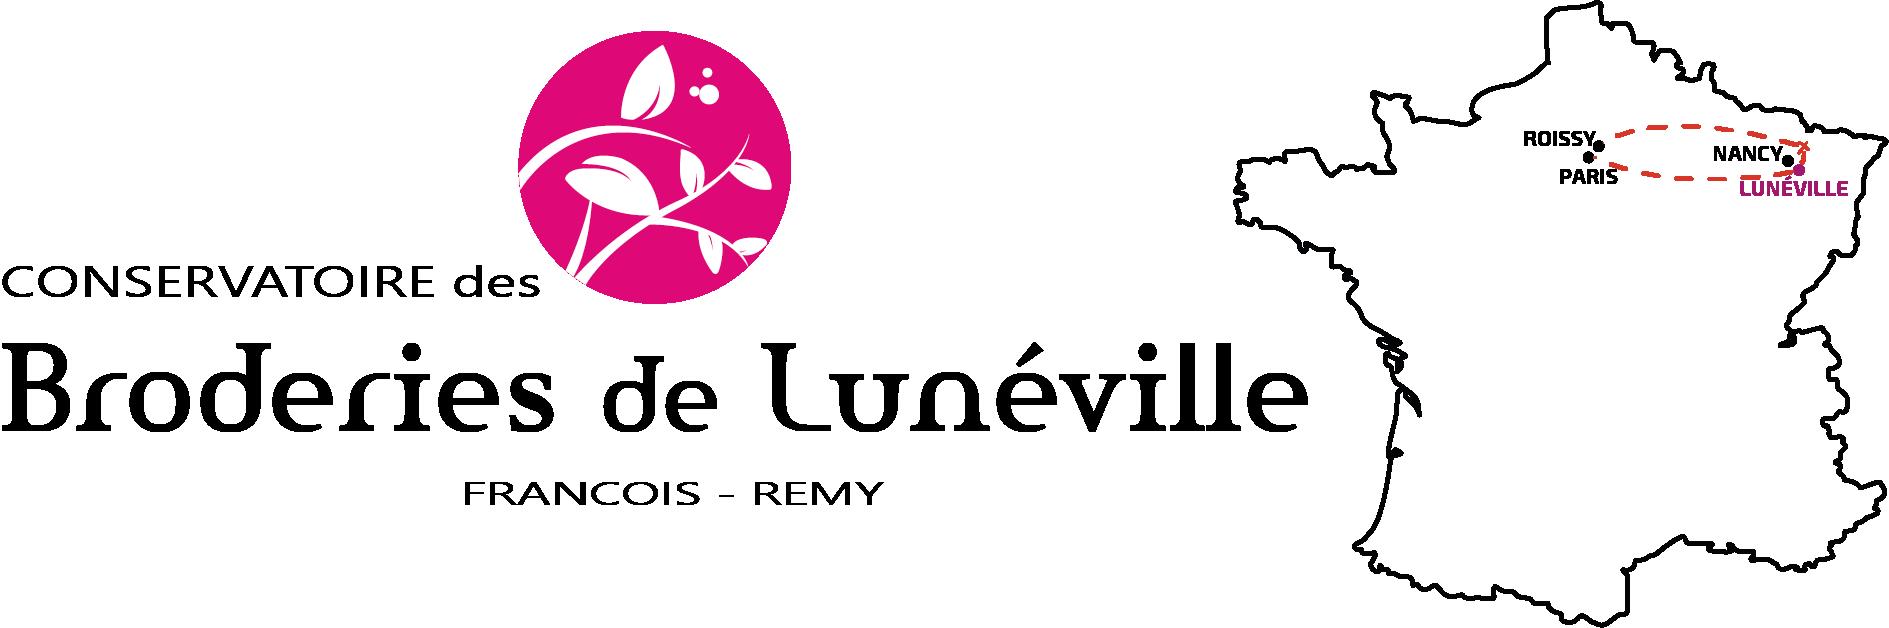 broderie-luneville Logo